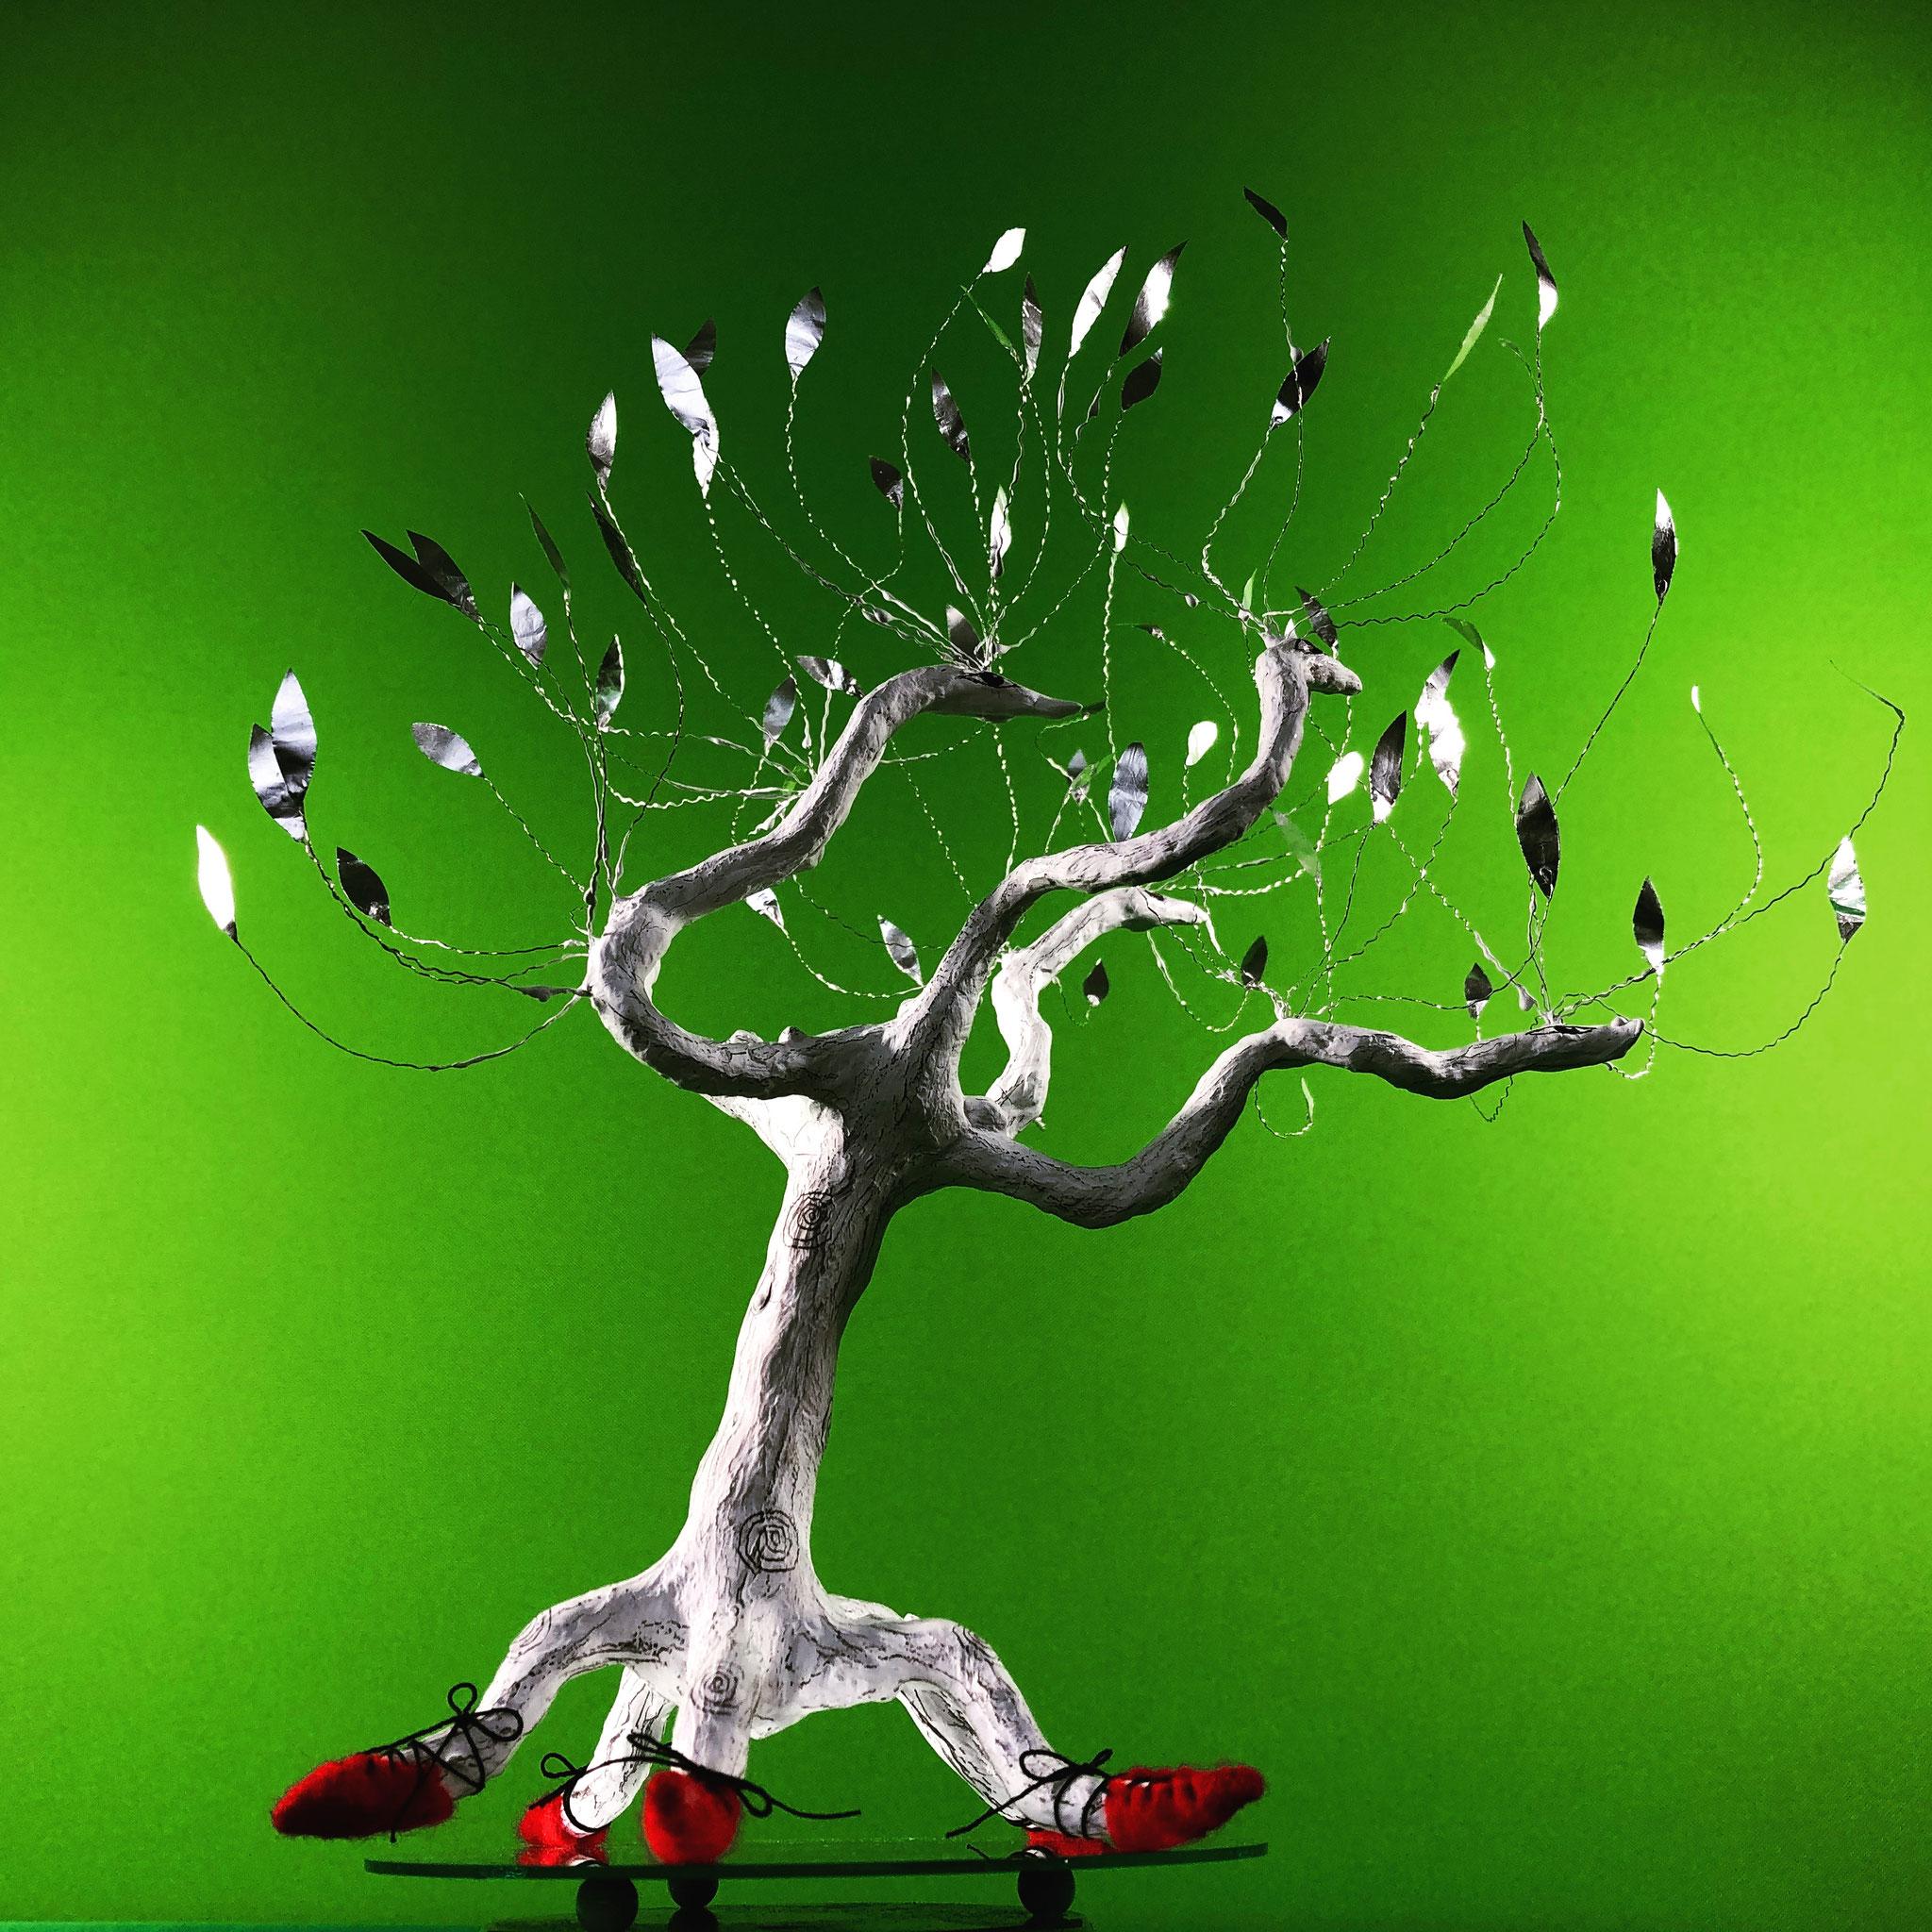 artsculpture_tree